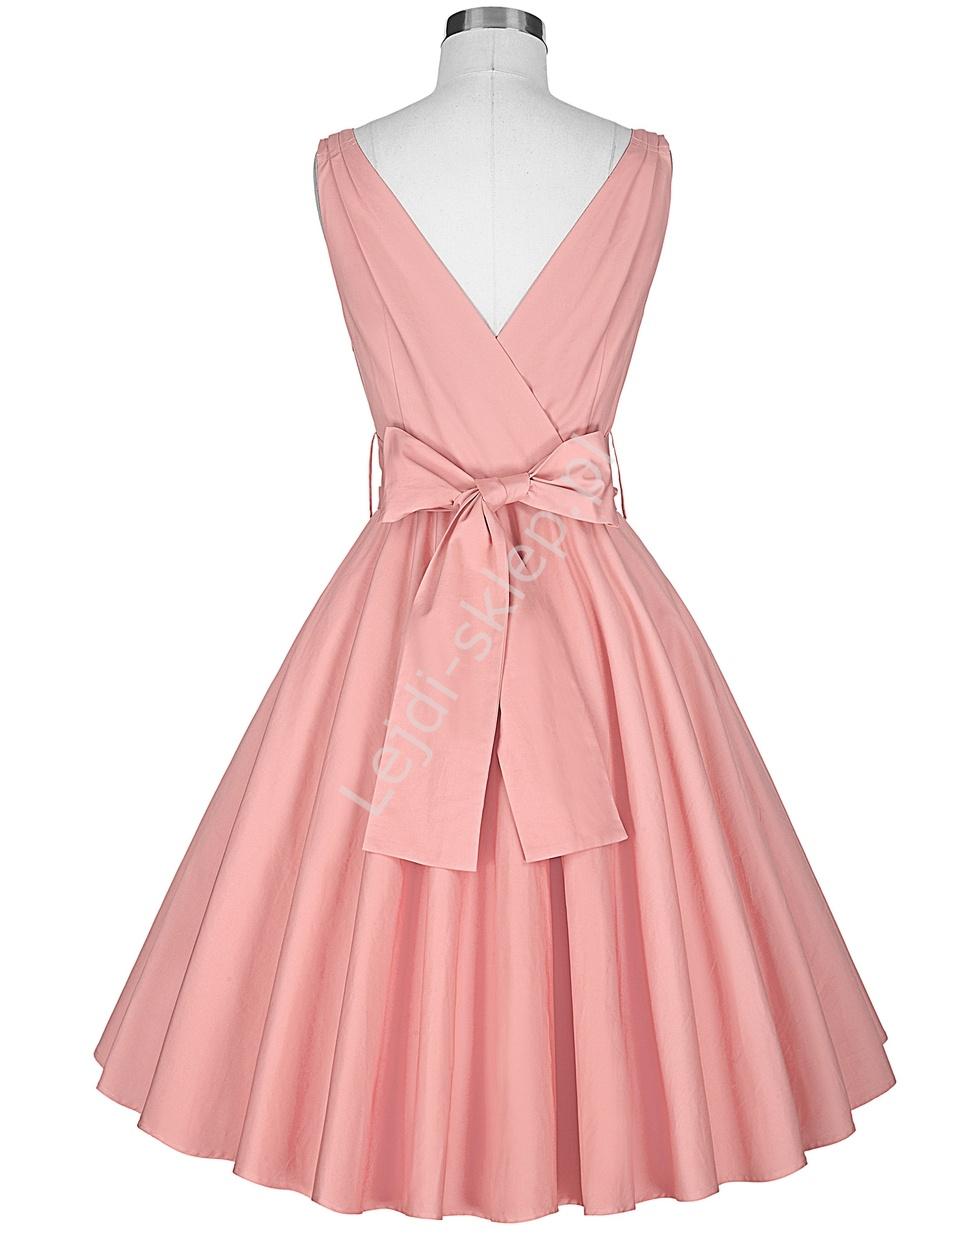 Bawełniana Sukienka W Stylu Vintage Lata 60 Te 8955 Lejdipl